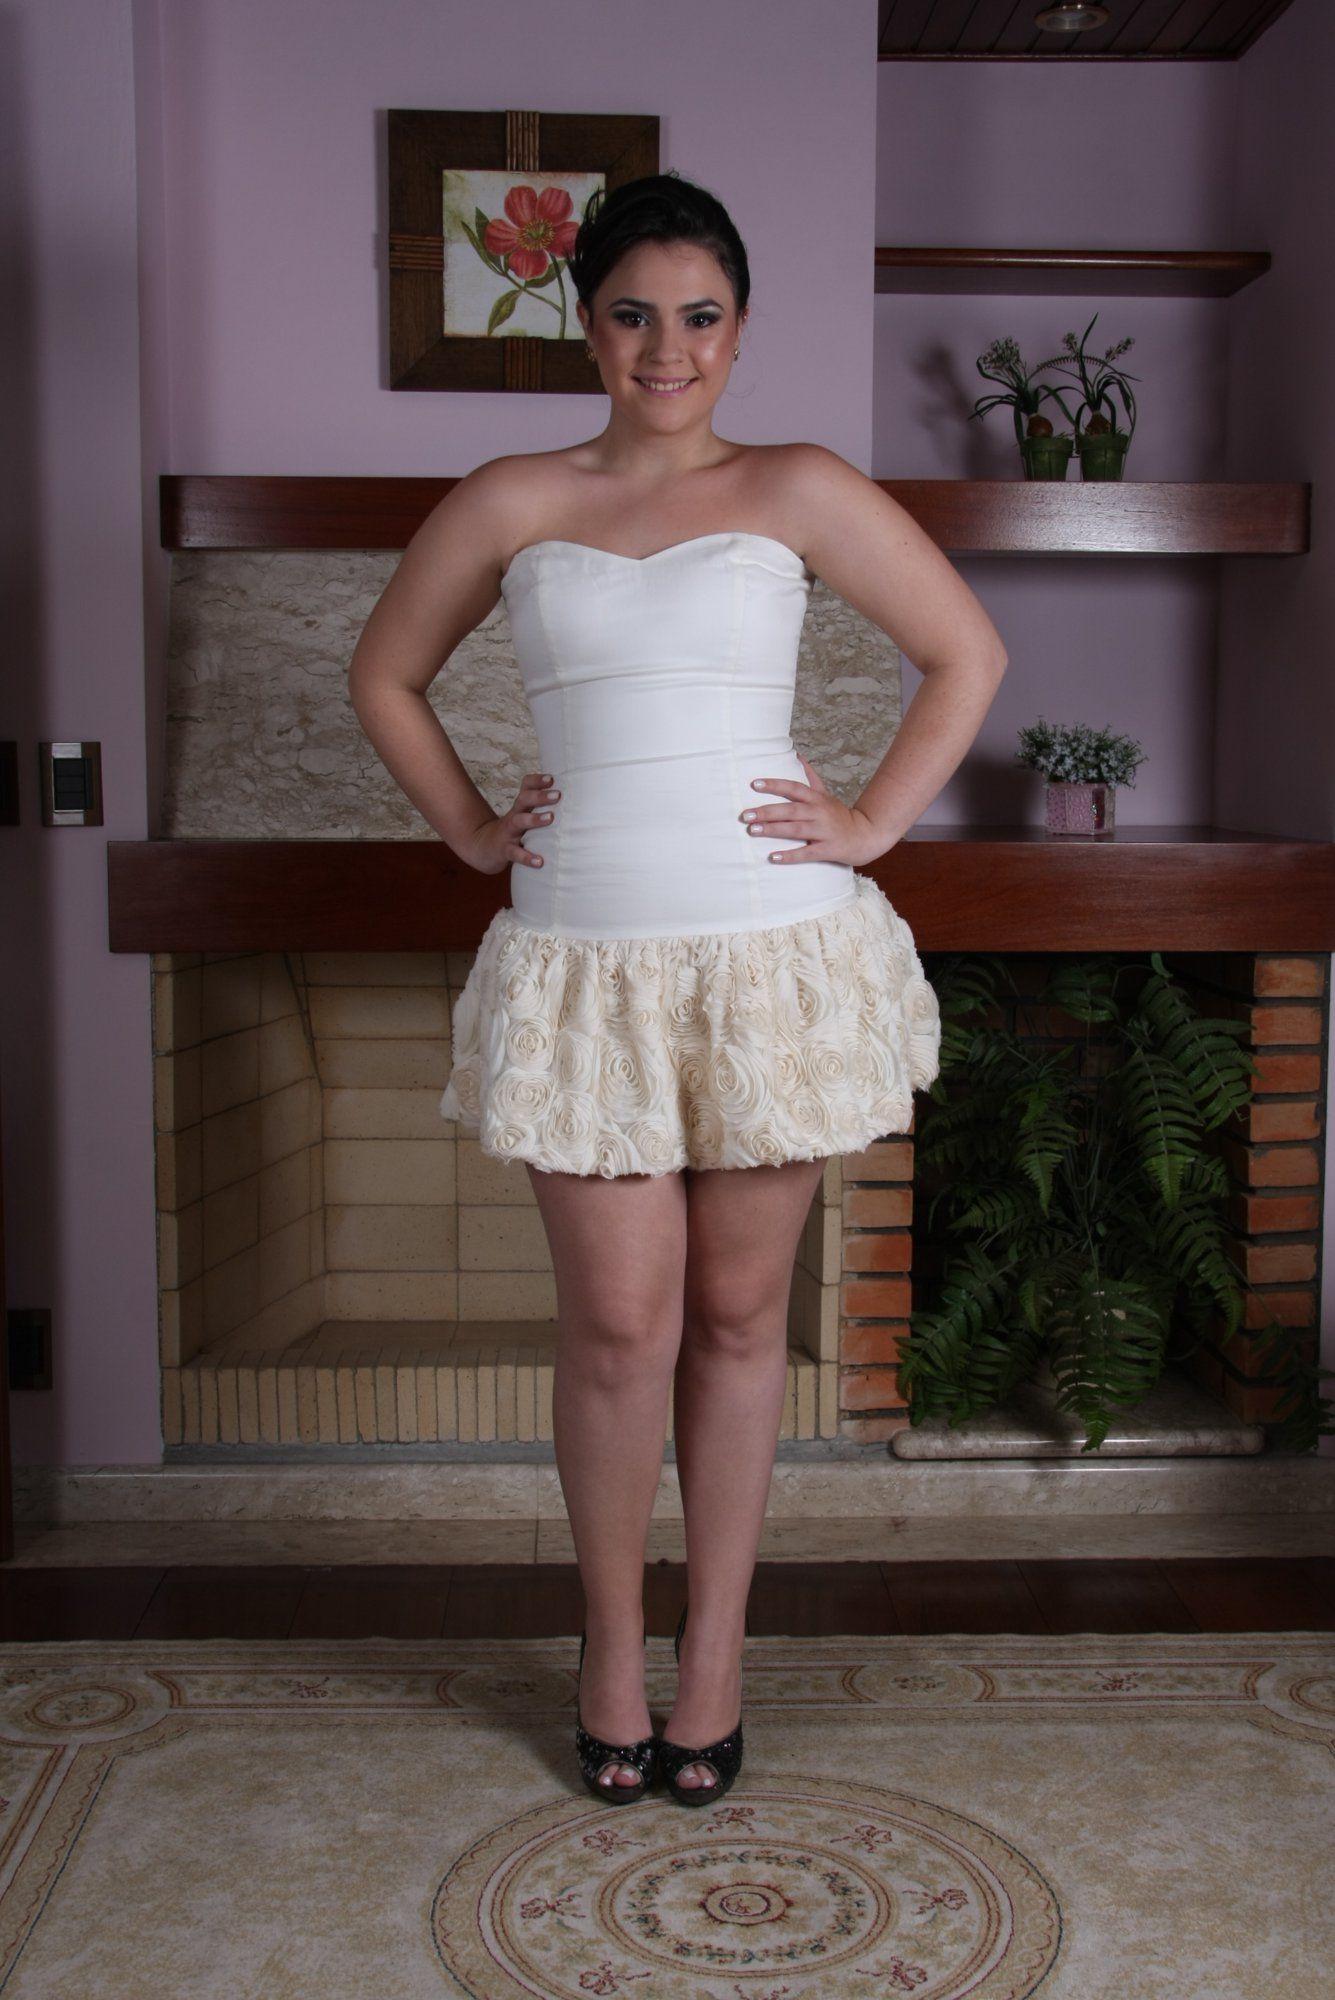 Vestido de Debutante Marfim e Ouro - 3 - Hipnose Alta Costura e Spa para Noivas e Noivos - Campinas - SP Vestido de Debutante, Vestido de Debutante Marfim e Ouro, Hipnose Alta Costura